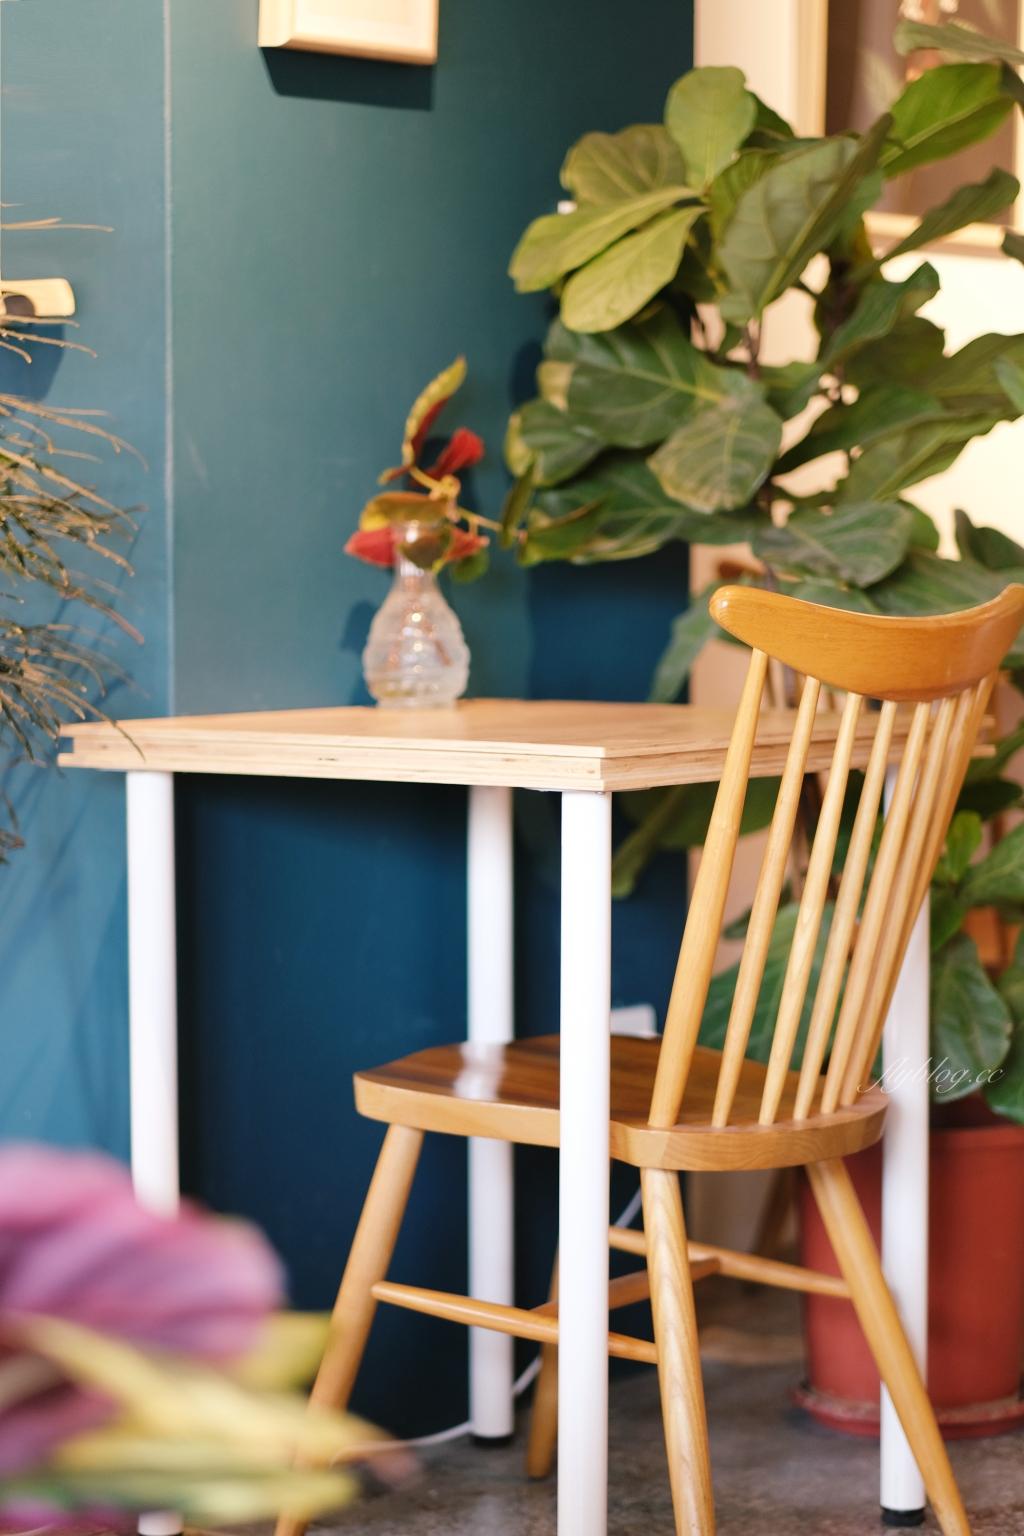 【台中中區】孔雀咖啡:柳川河岸旁的咖啡館,花卷式肉桂捲老饕必點 @飛天璇的口袋